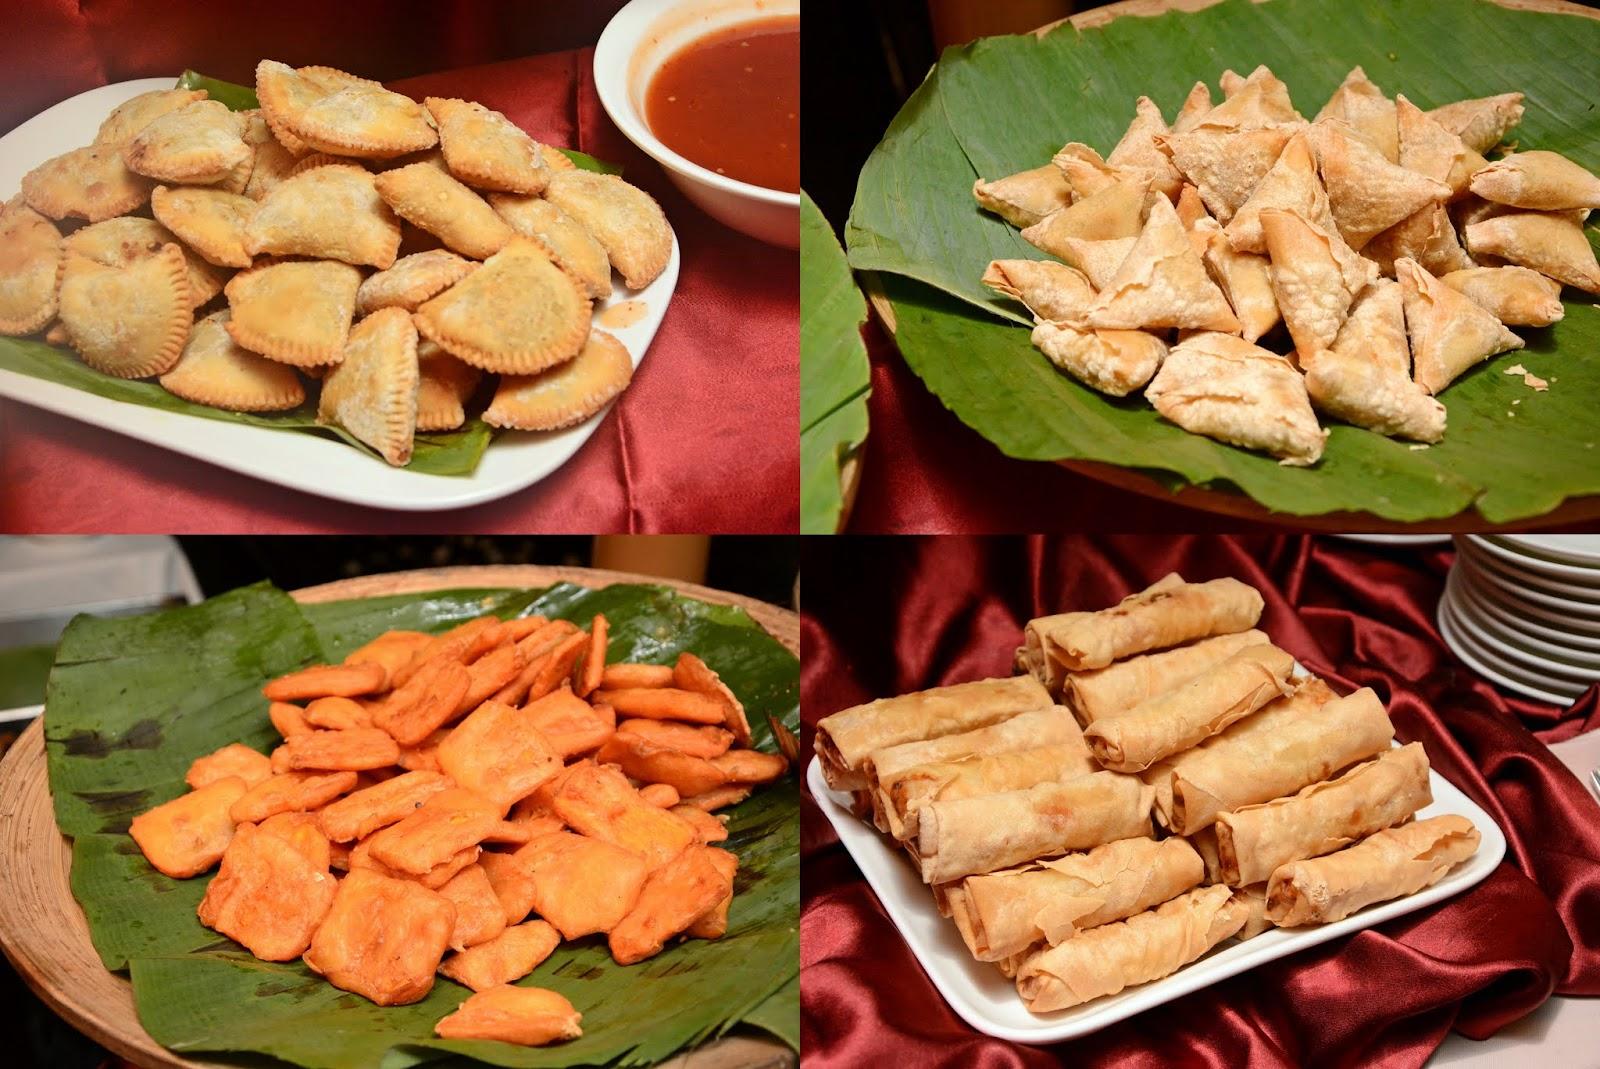 CHASING FOOD DREAMS: Sajian Nostalgia Kampung @ Spring Garden Putrajaya